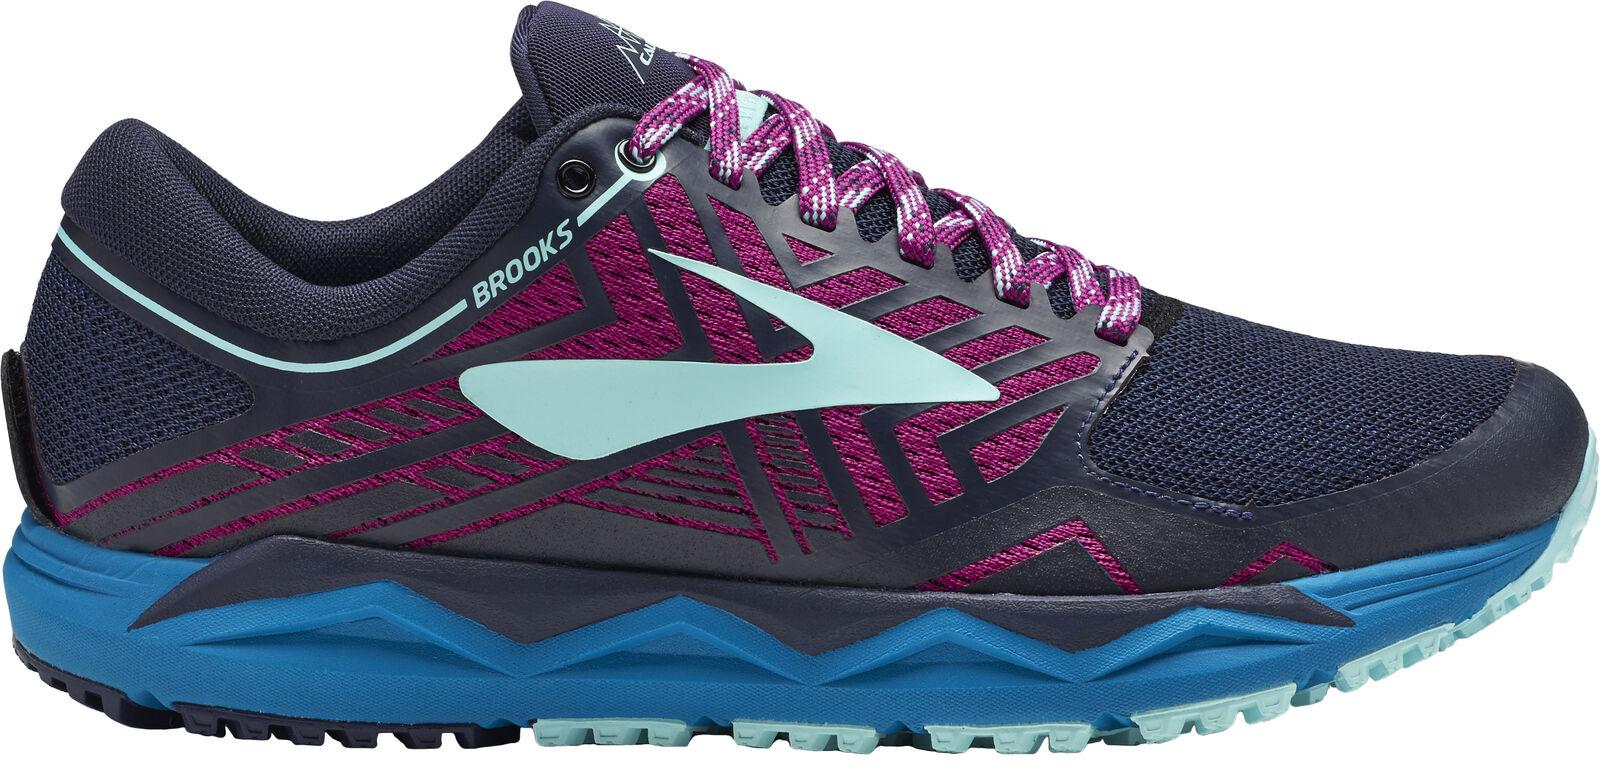 Brooks Caldera 2 damen Trail Running schuhe Navy All Terrain Offroad Run Trainer